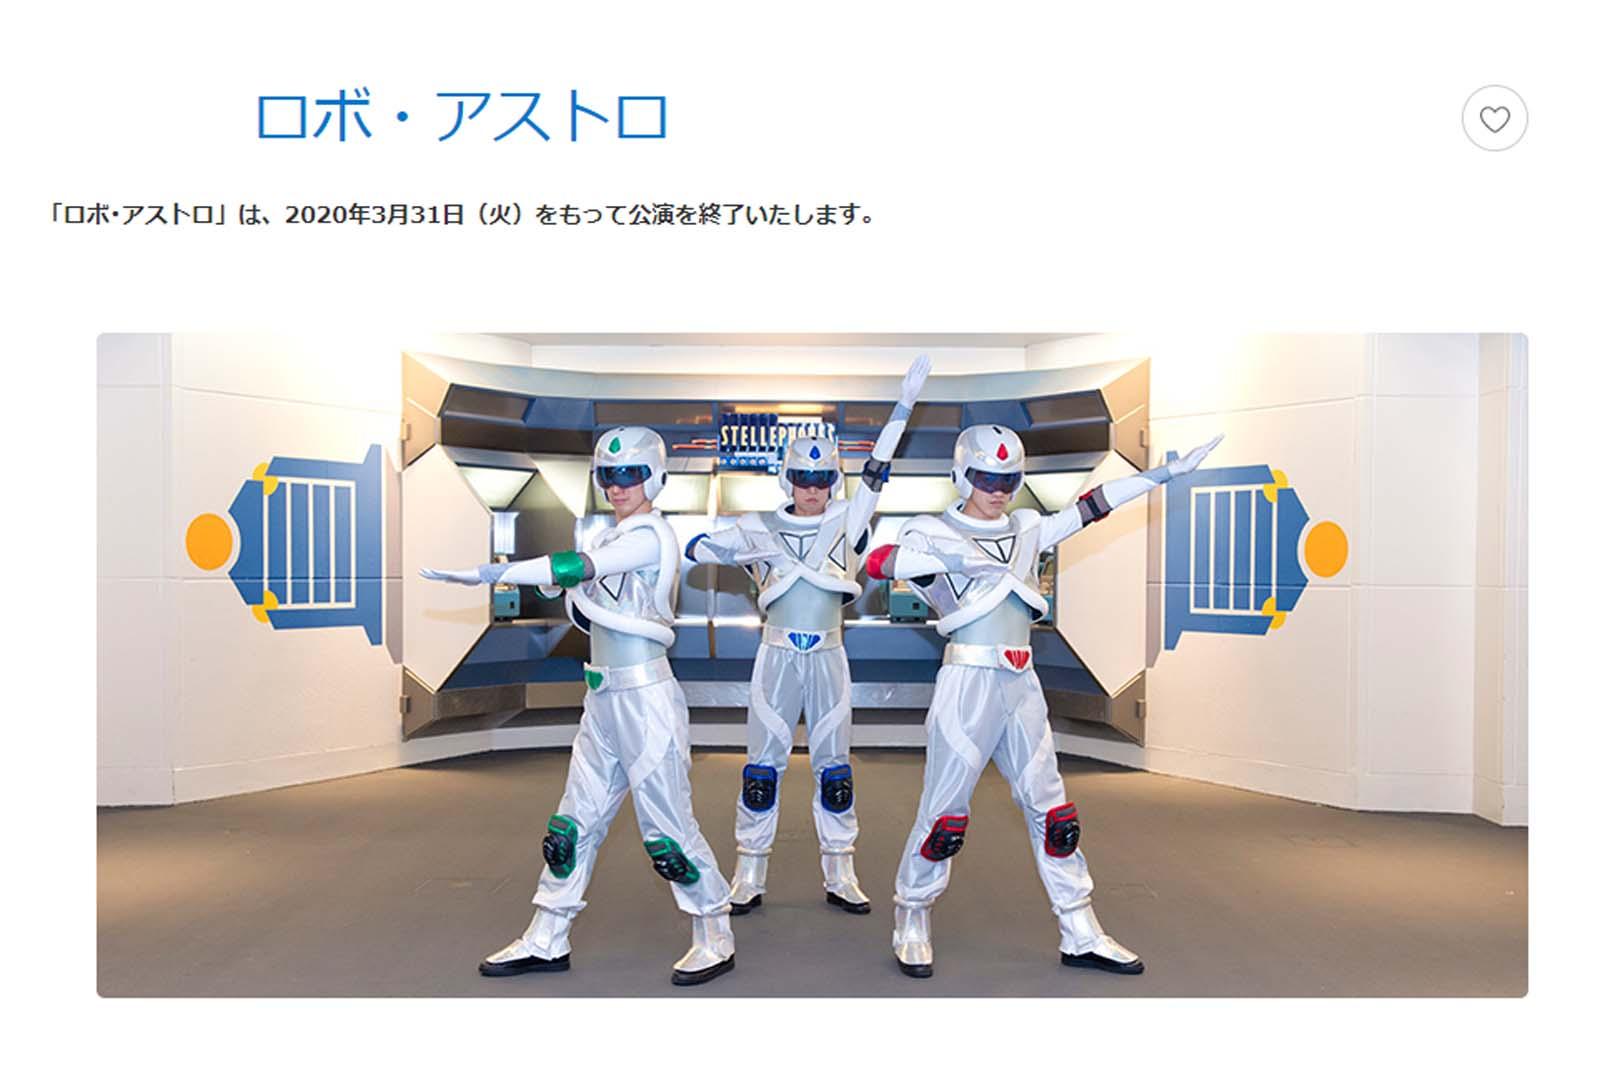 東京ディズニーランド ロボ・アストロ 2020年3月31日終了